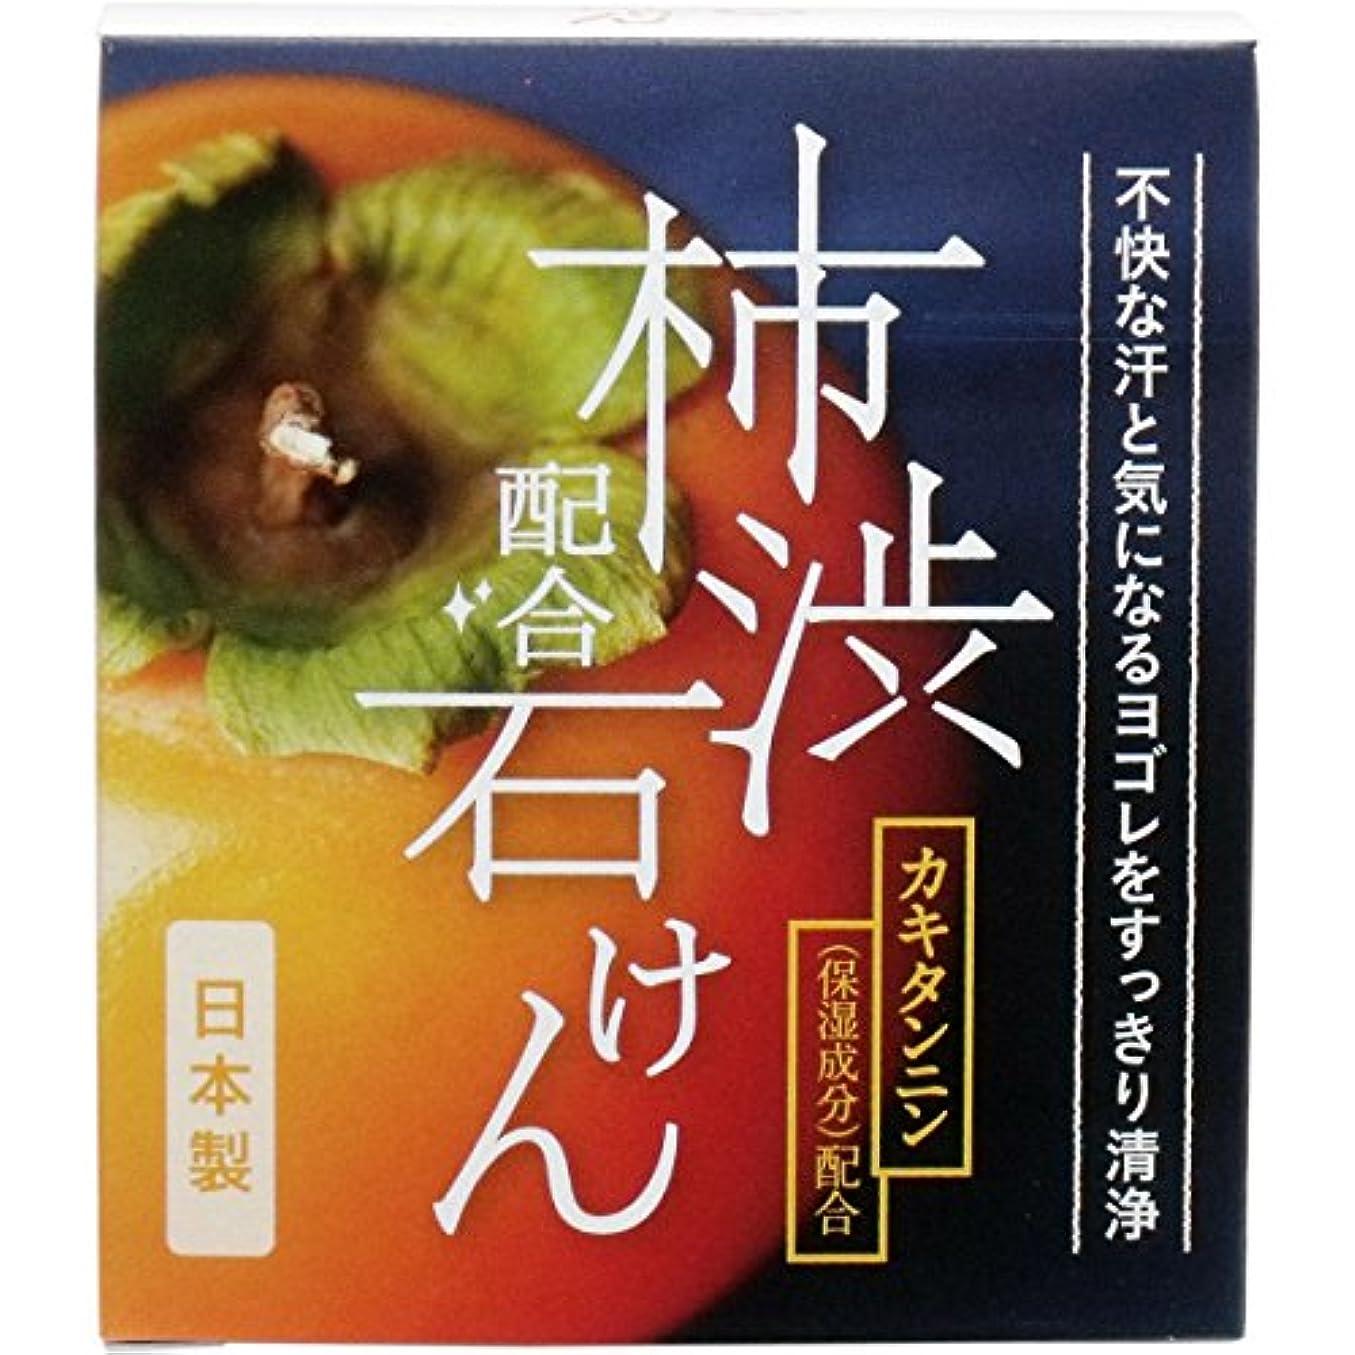 パワーコショウフレアW柿渋配合石けん WHY-SKA 100g